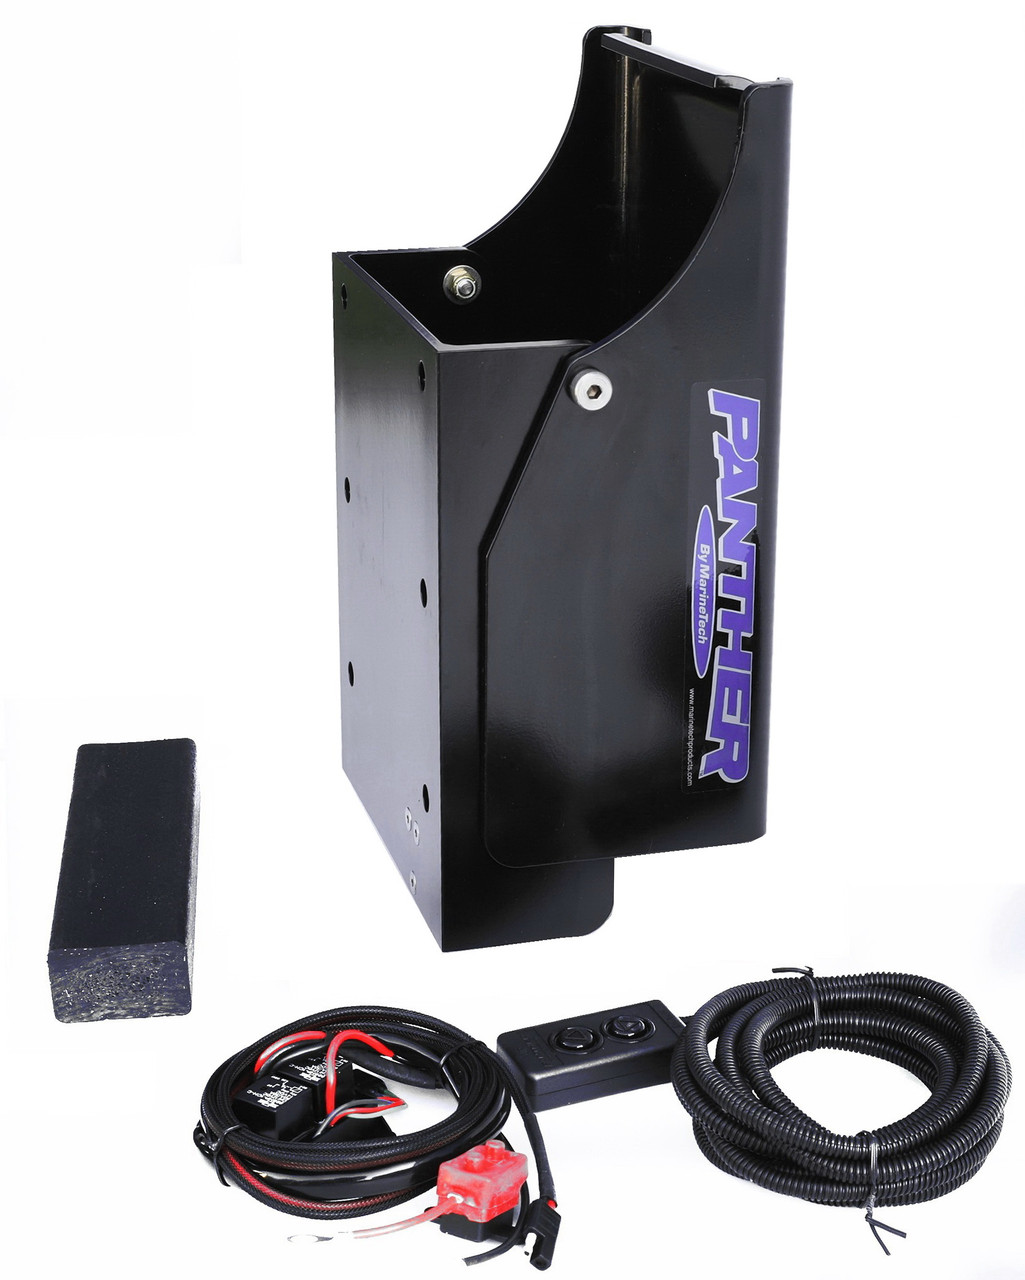 Электро-гидравлический трим подъемник для лодочных моторов Panther 40 США весом до 68 кг